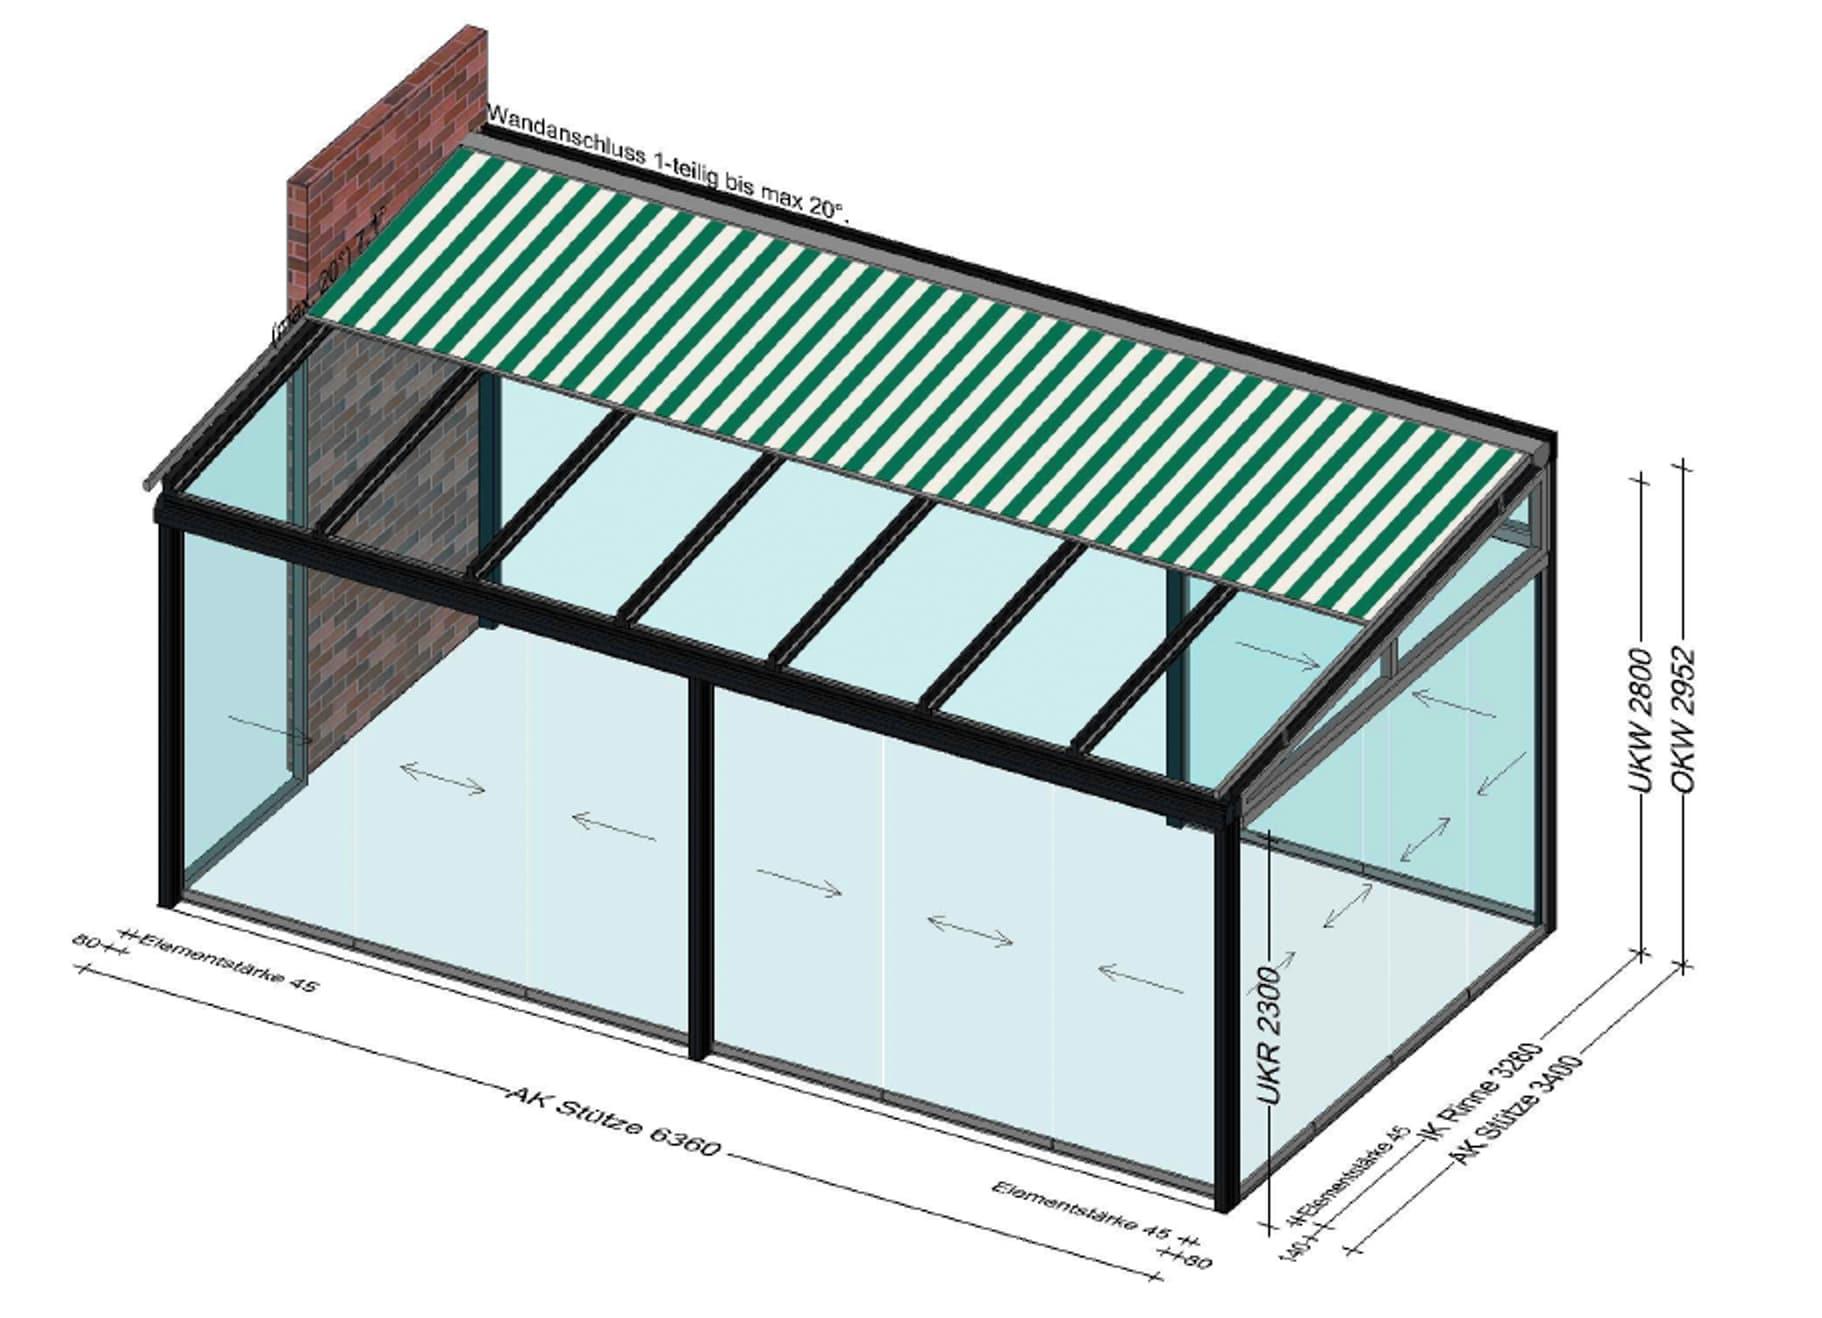 Wintergarten mit Aufglasmarkise Planung OÖ